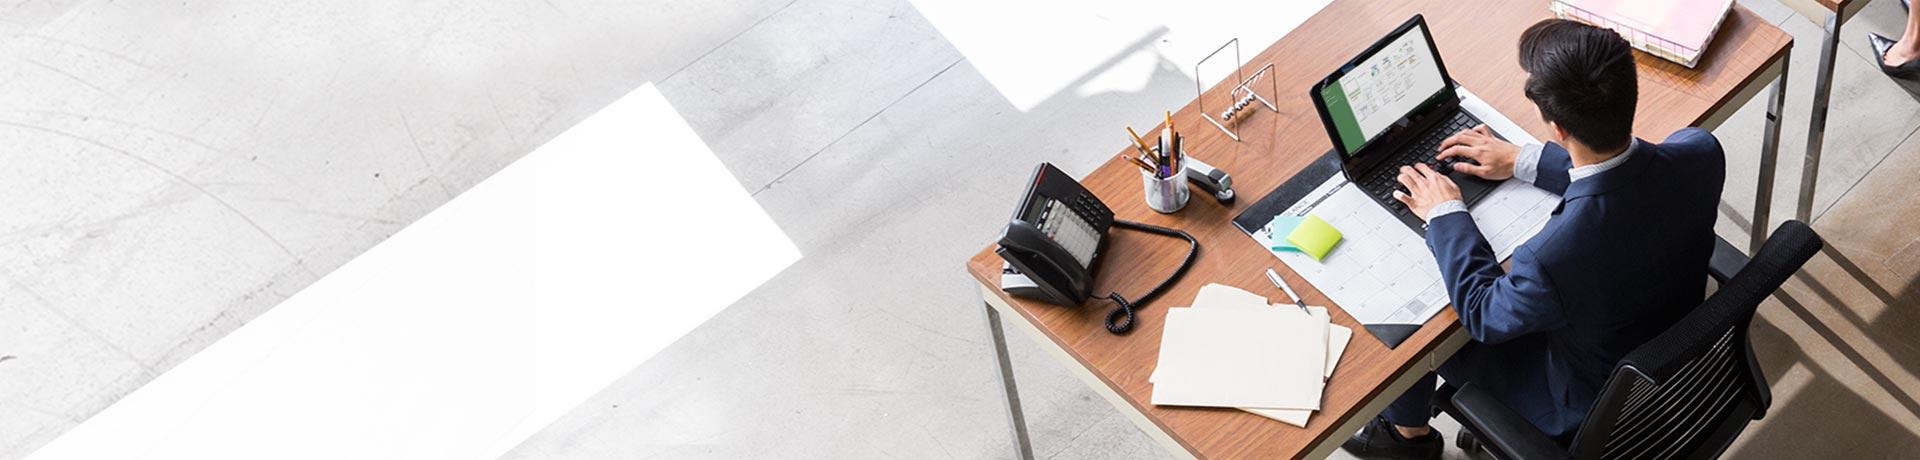 Чоловік сидить за робочим столом в офісі та працює з файлом Microsoft Project на ноутбуці.